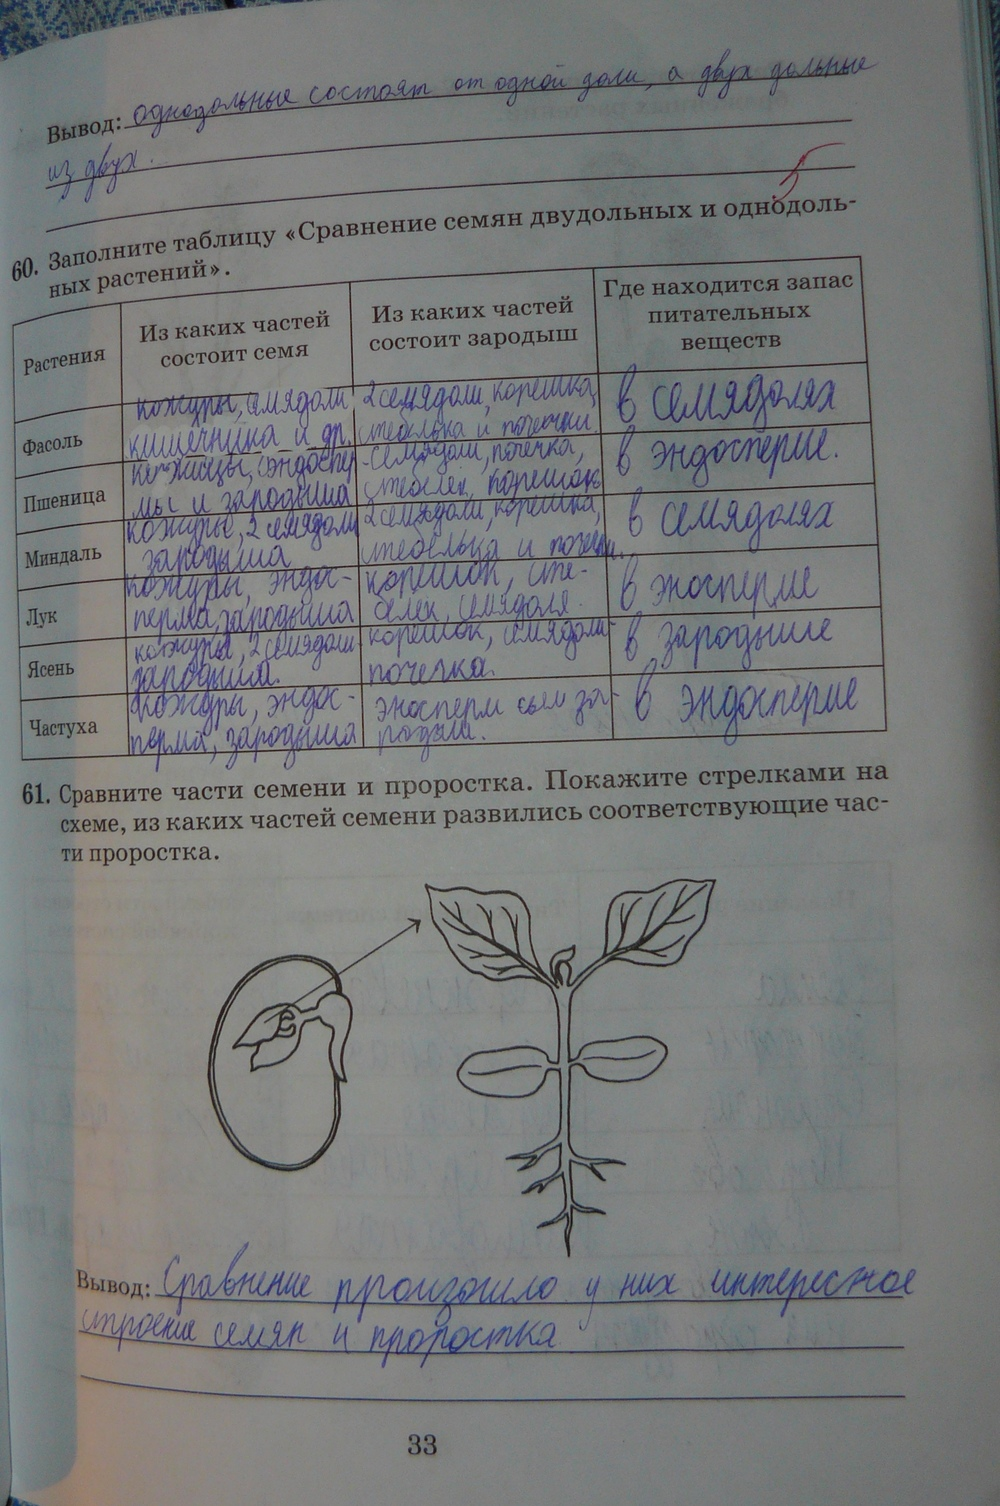 Гдз по биологии 6 класс пасечника рабочая тетрадь снисаренко пасечник